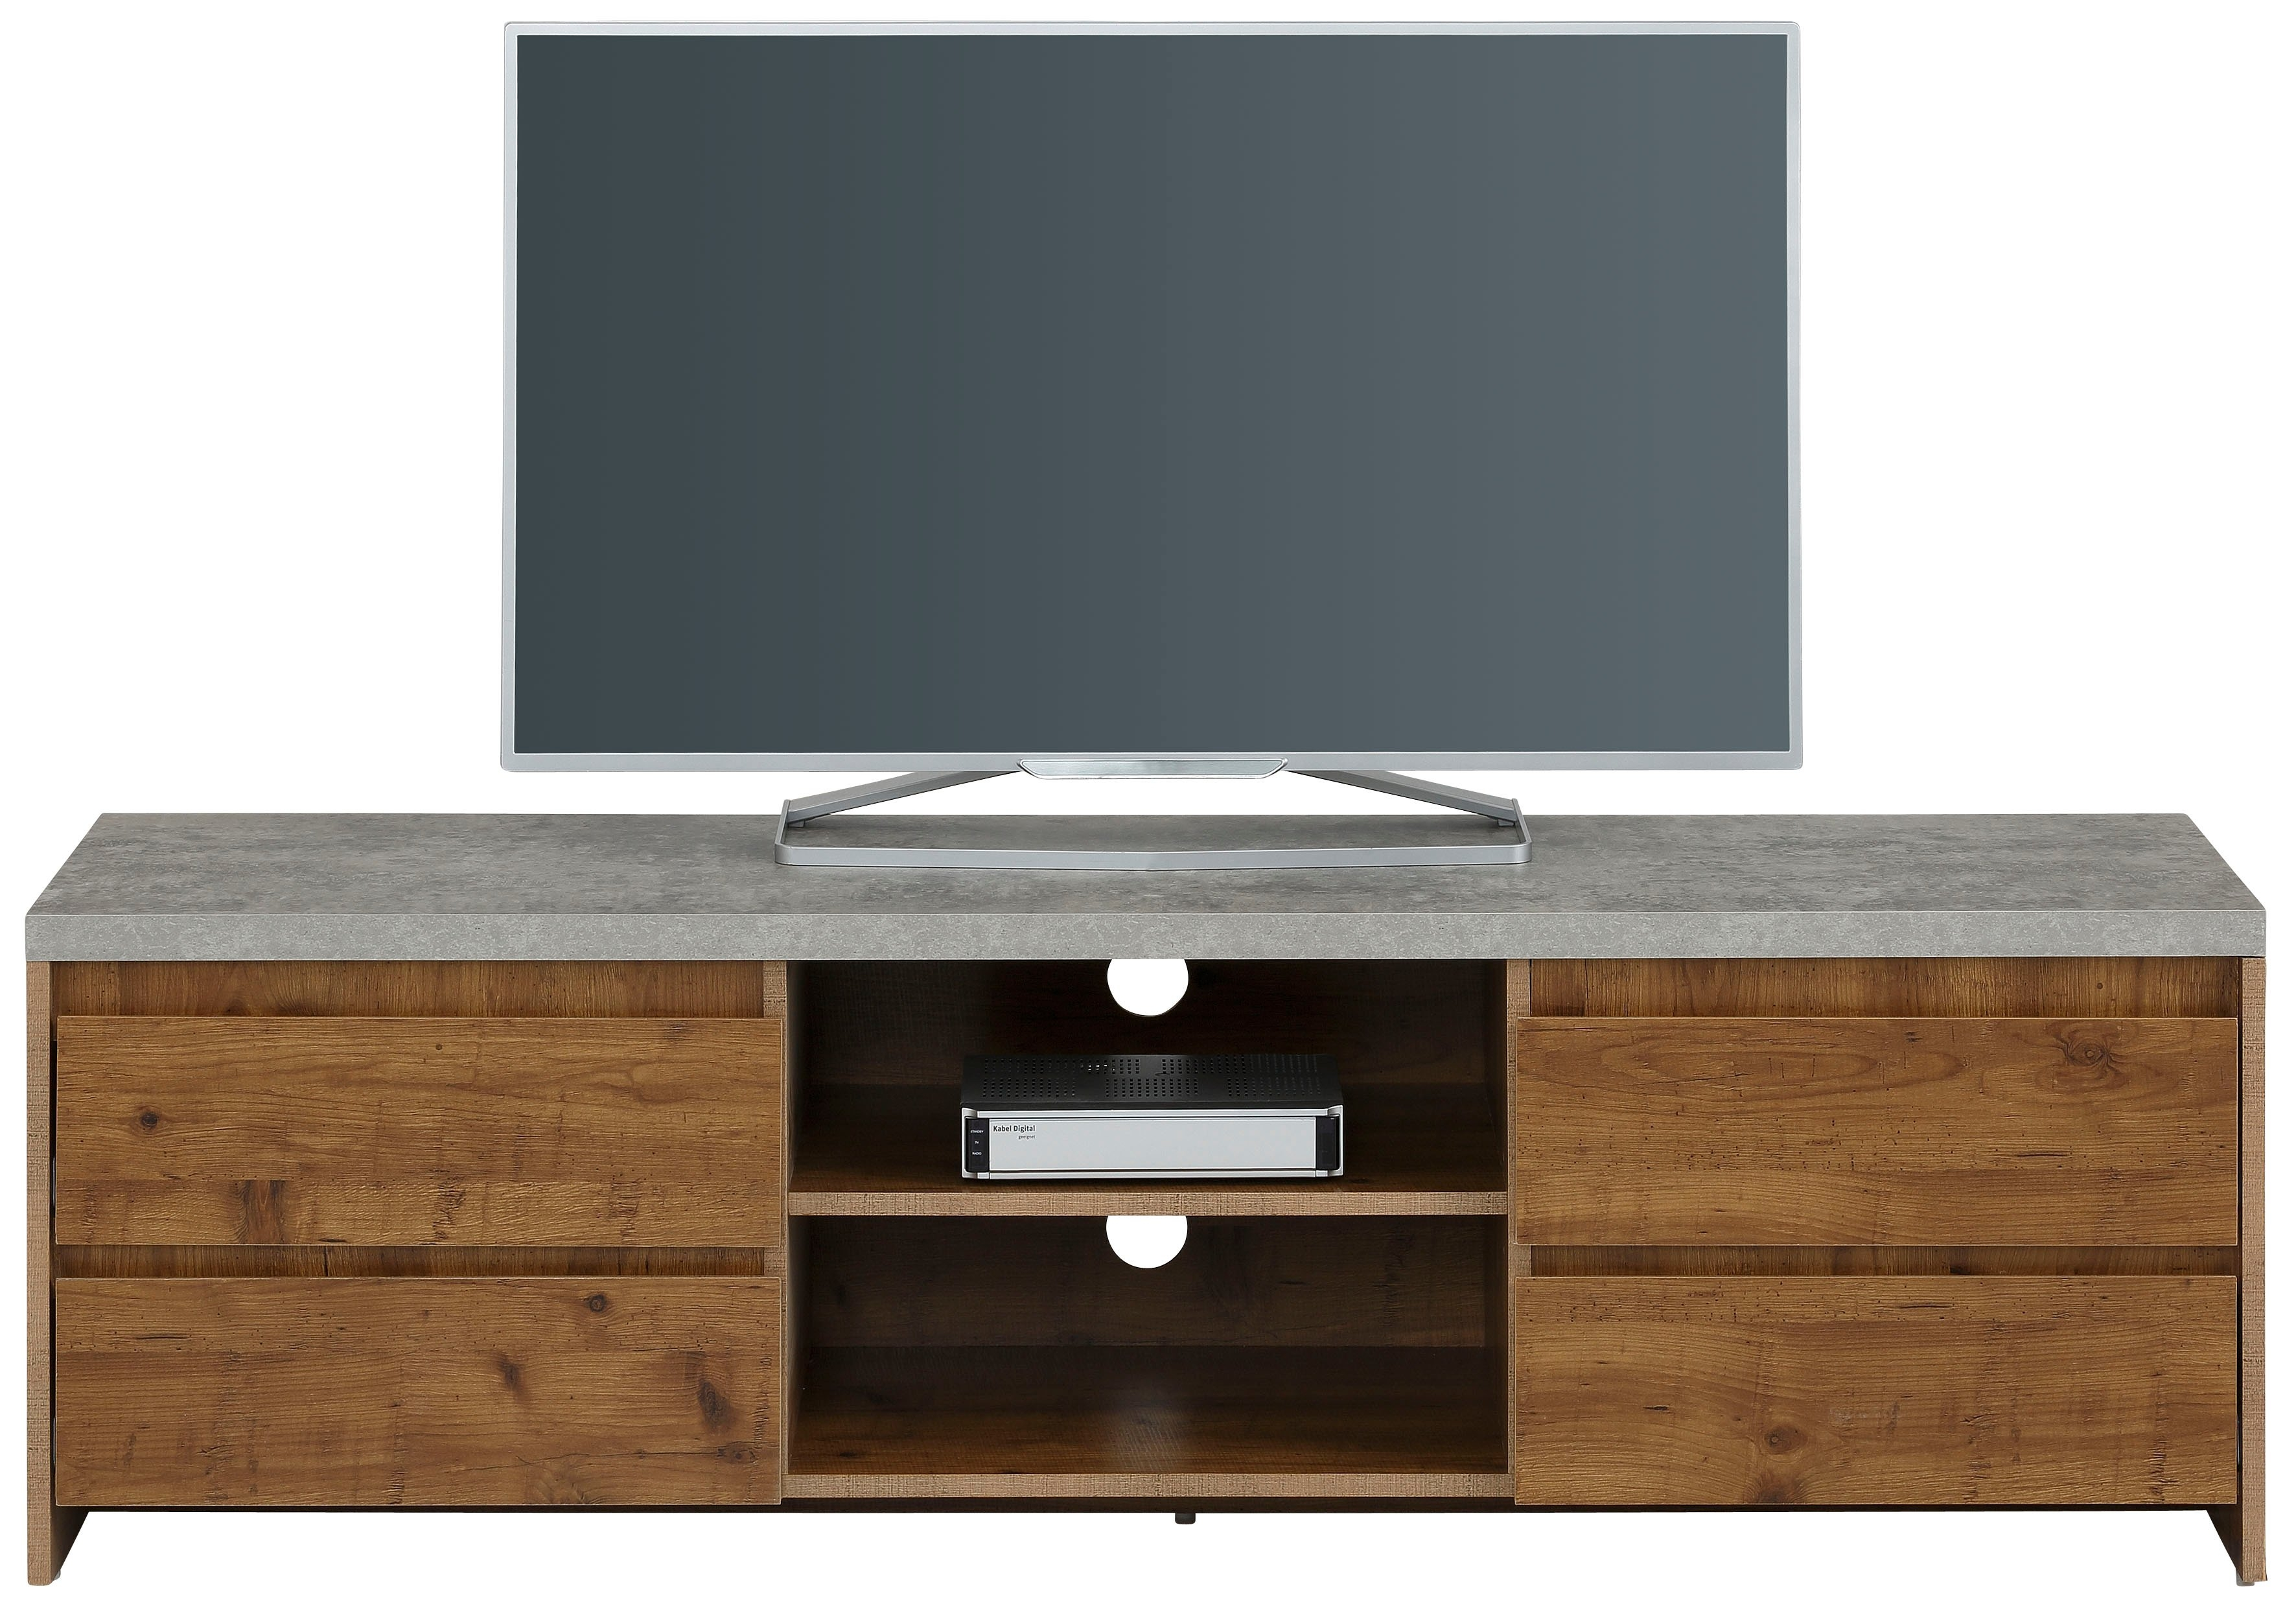 Home affaire tv-meubel Maribo in moderne rustieke stijl, met een mooi betonnen bovenblad, breedte 150 cm in de webshop van OTTO kopen